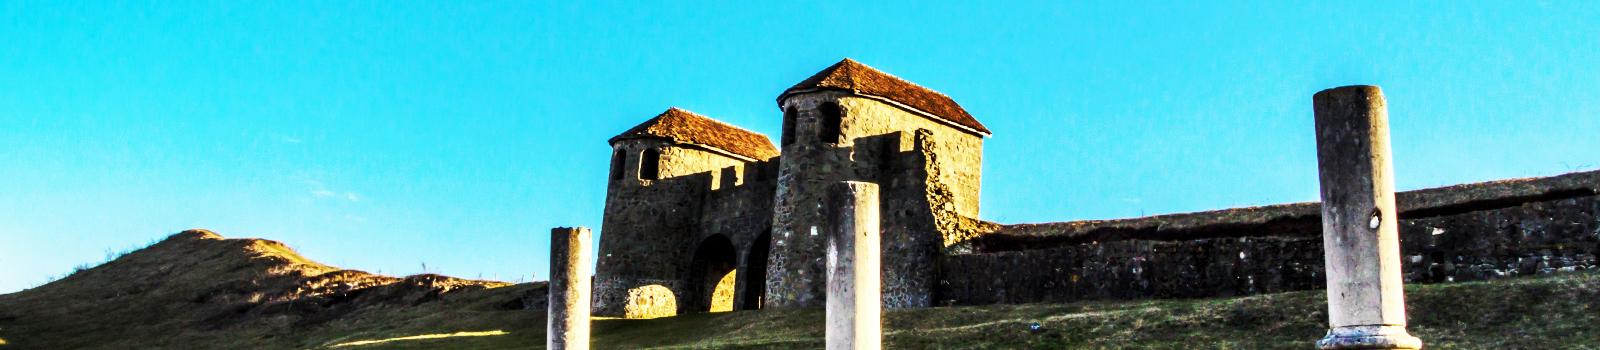 Le Complexe Archéologique Porolissum